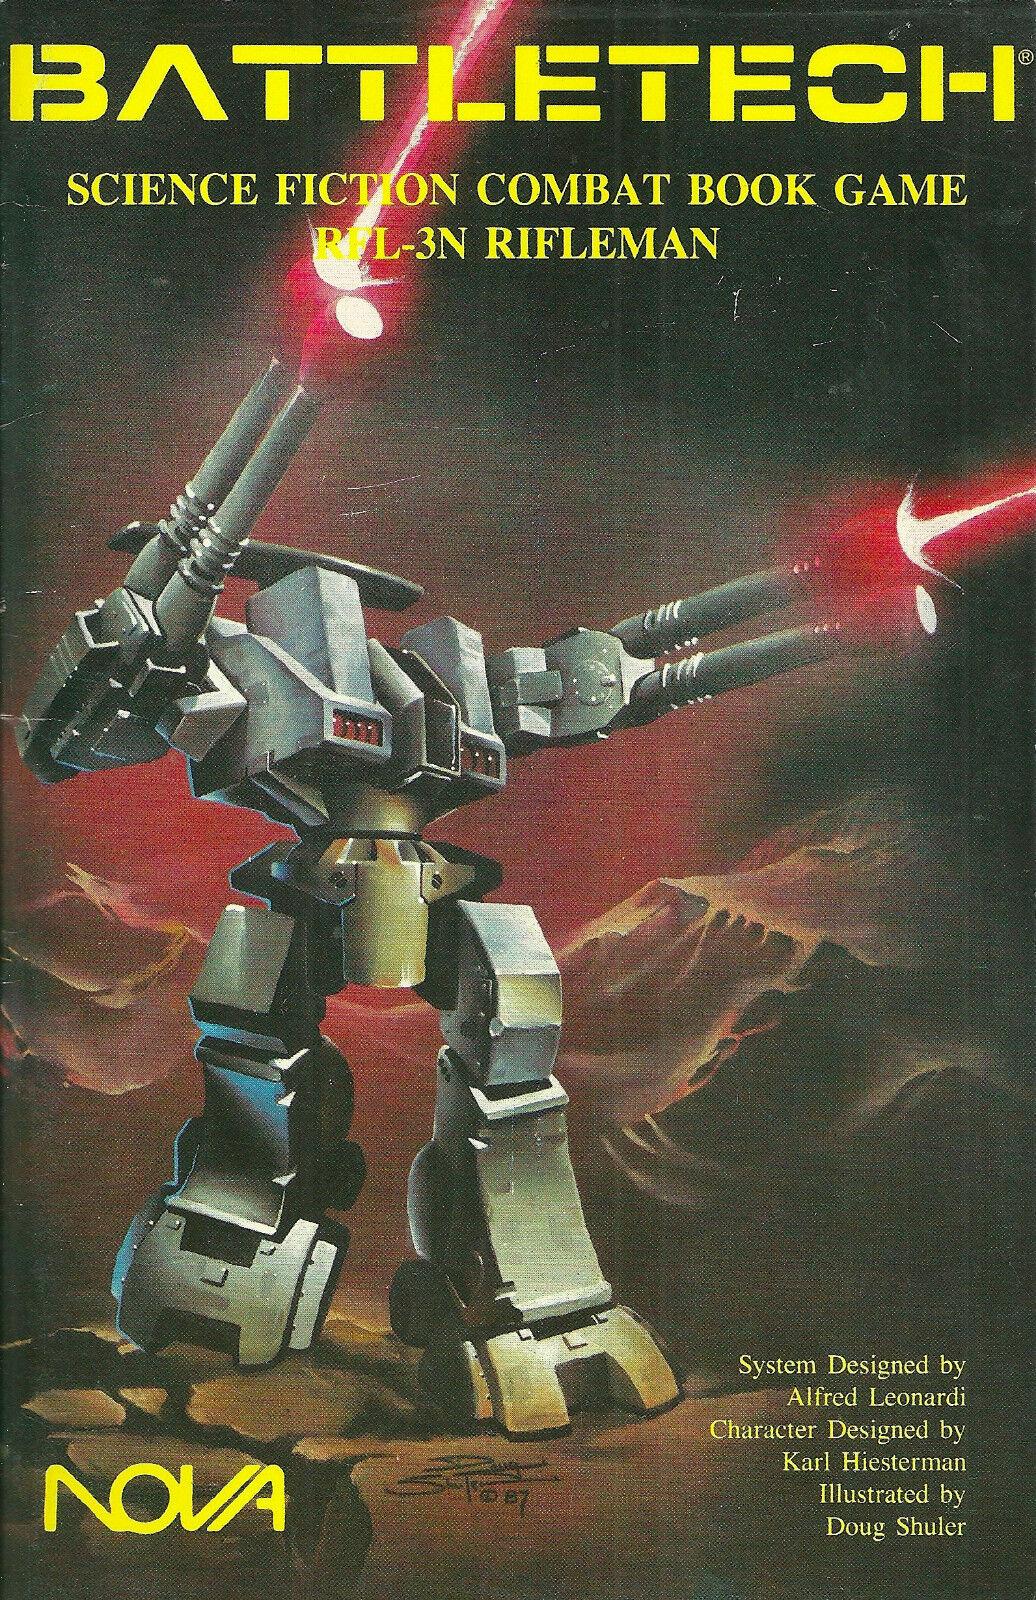 más orden Libro de combate  Battletech Ciencia Ficción juego juego juego RFL-3N Rifleman  1987 1ST pb NF -  diseñador en linea